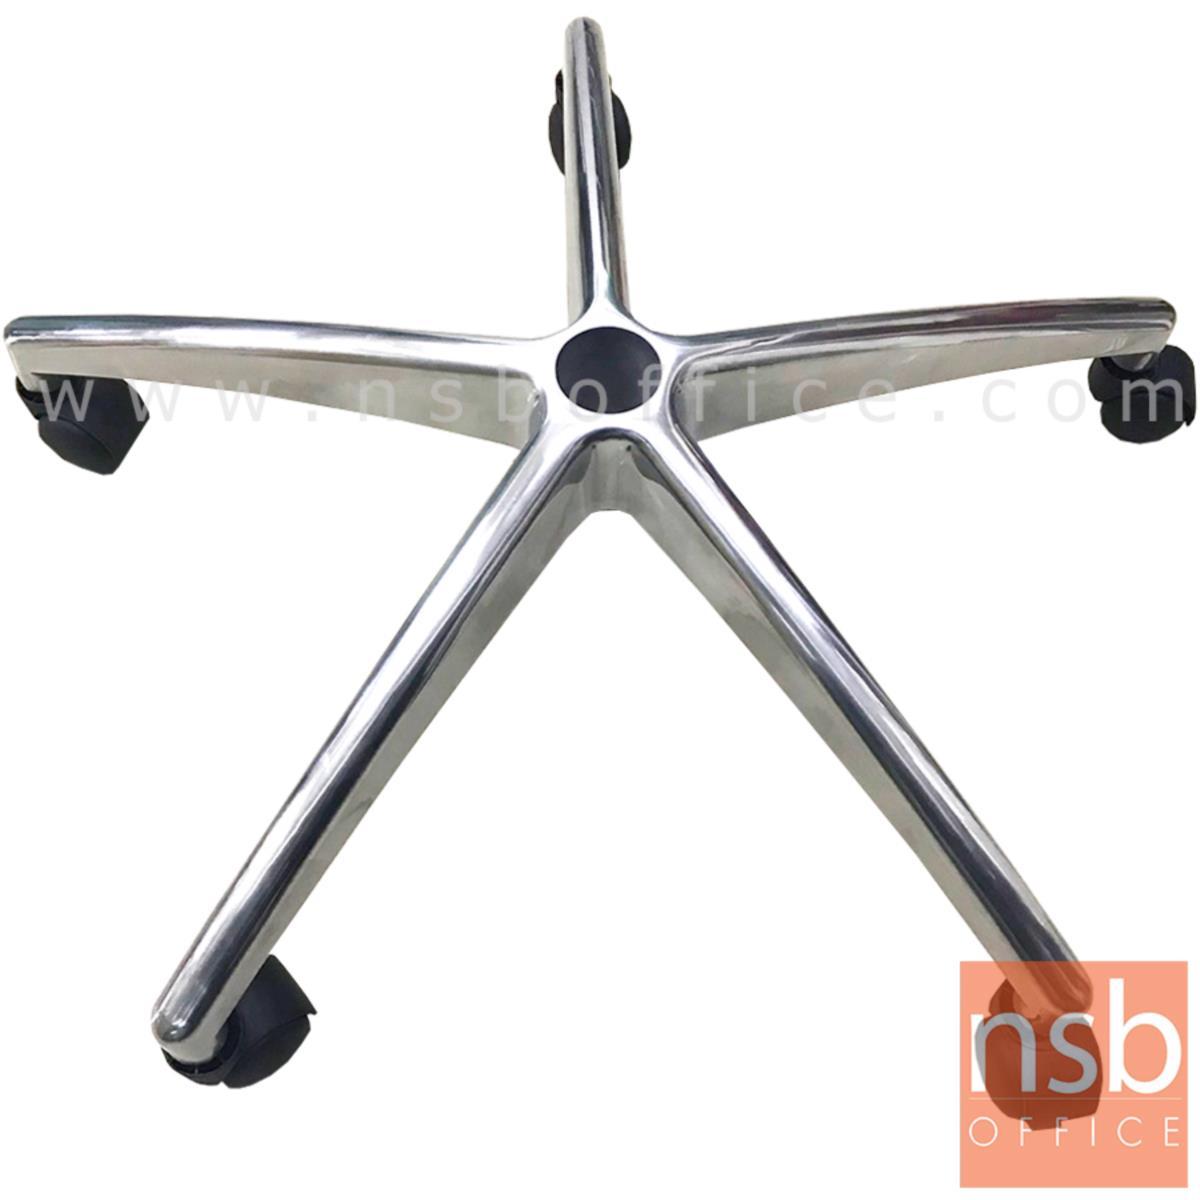 B27A076:ขาอลูมิเนียมทรงแมงมุม ขอบมน 26 นิ้ว รุ่น LM-84